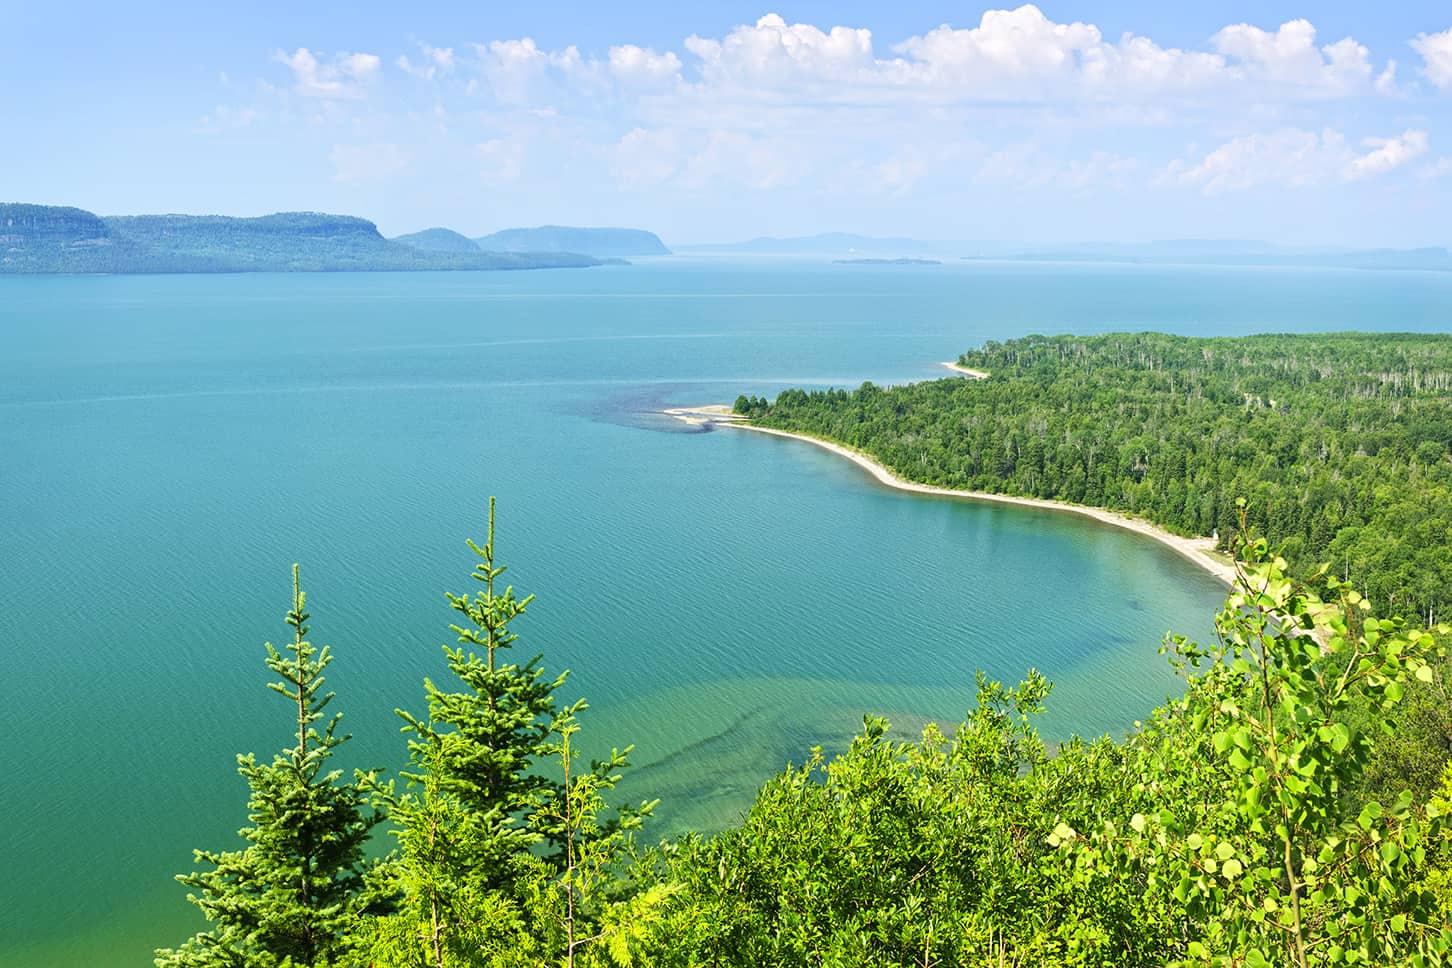 Lake Superior (Superior Gölü), Kanada-Amerika Birleşik Devletleri, Kuzey Amerika